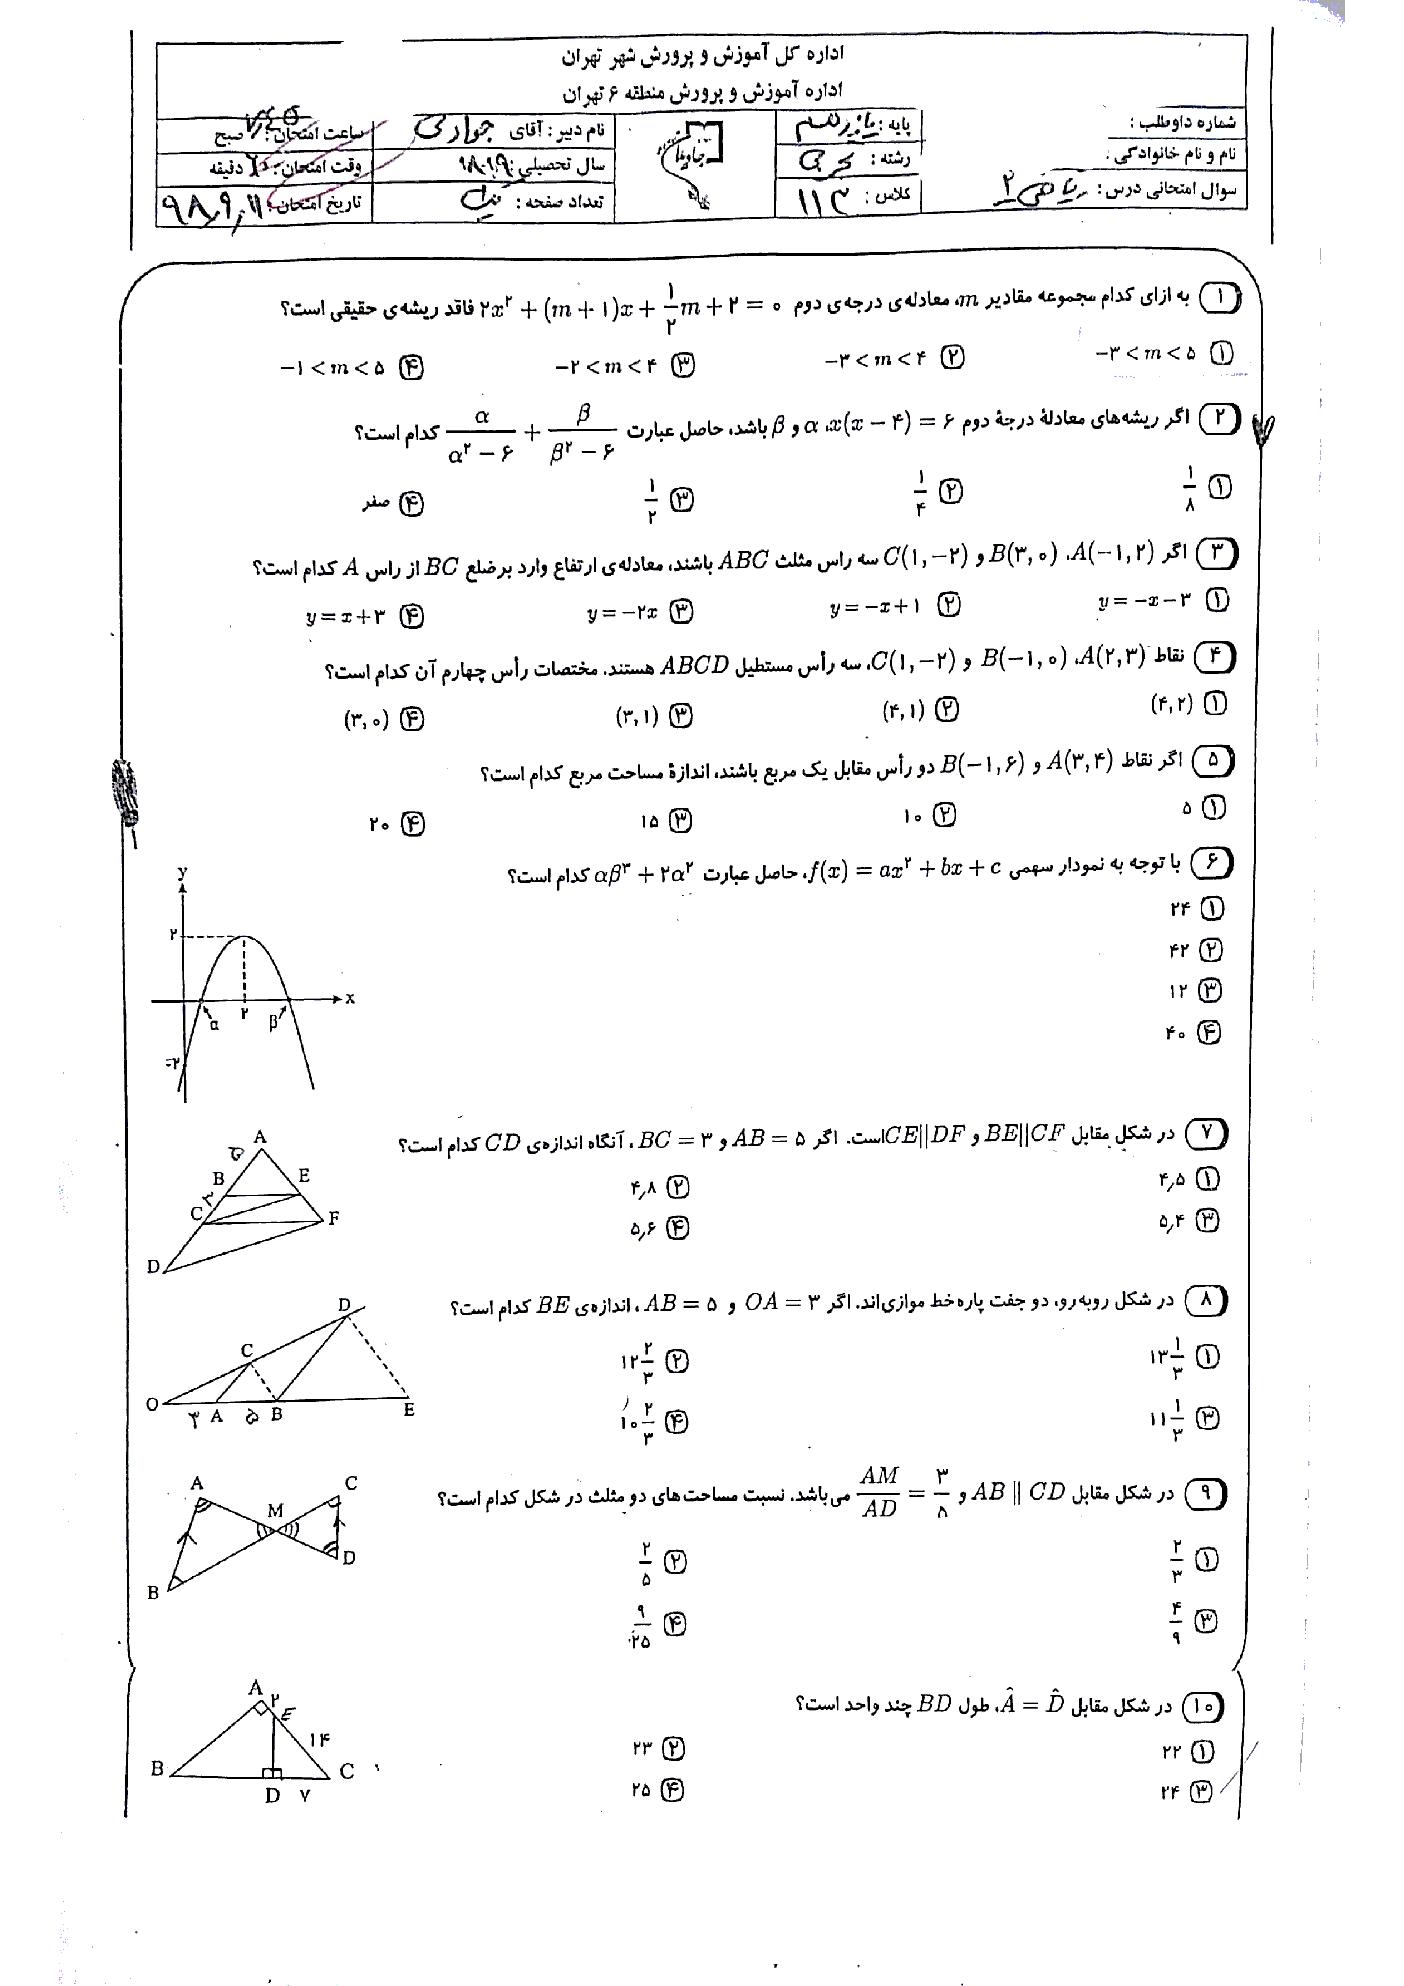 آزمون تستی ریاضی (2) یازدهم دبیرستان نمونه دولتی جاویدان | فصل 1 و 2